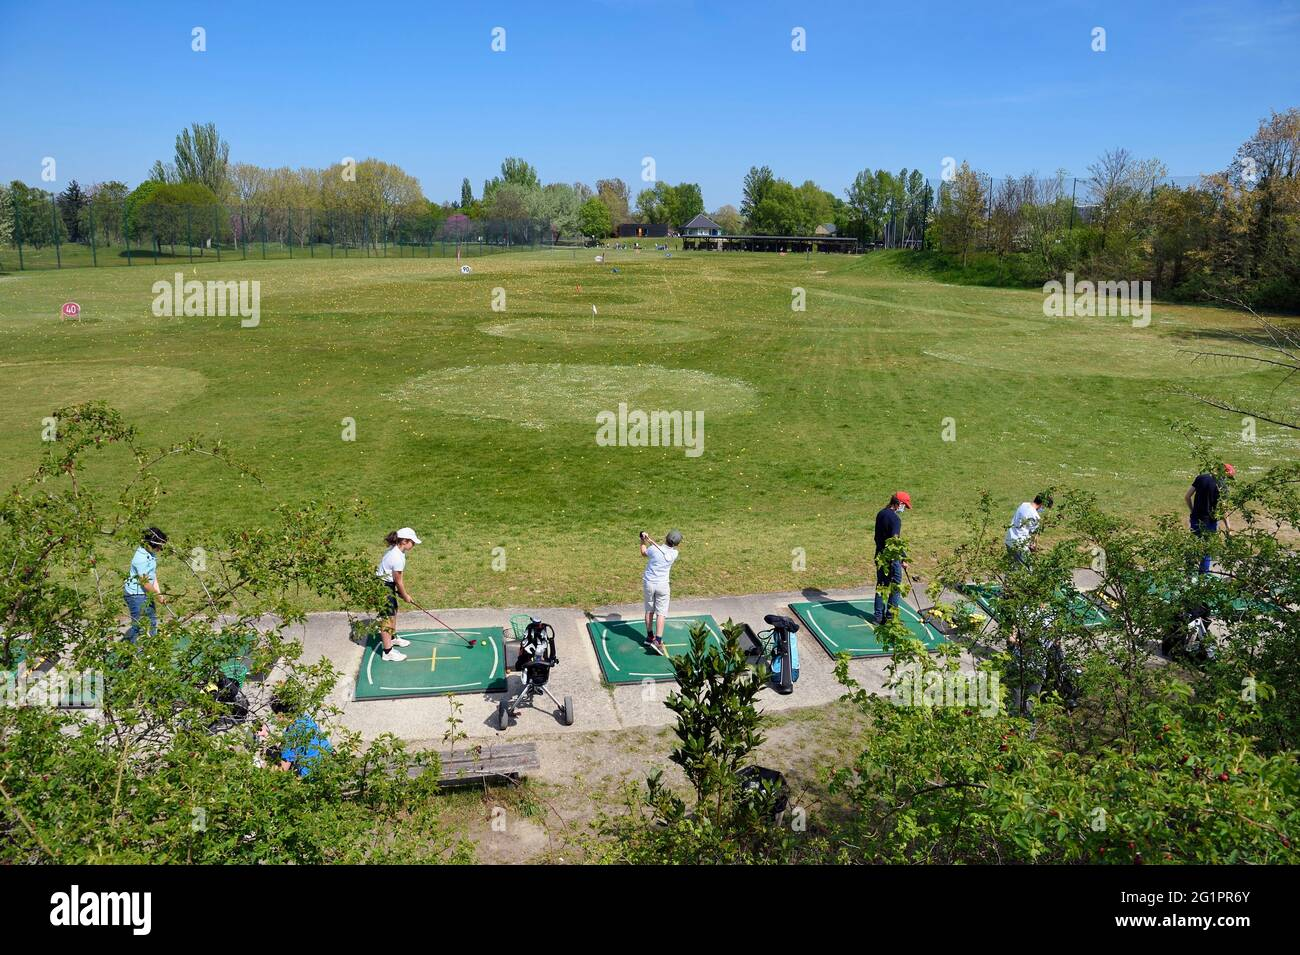 France, Val de Marne, Champigny sur Marne, pratique de golf du parc du Tremblay Banque D'Images